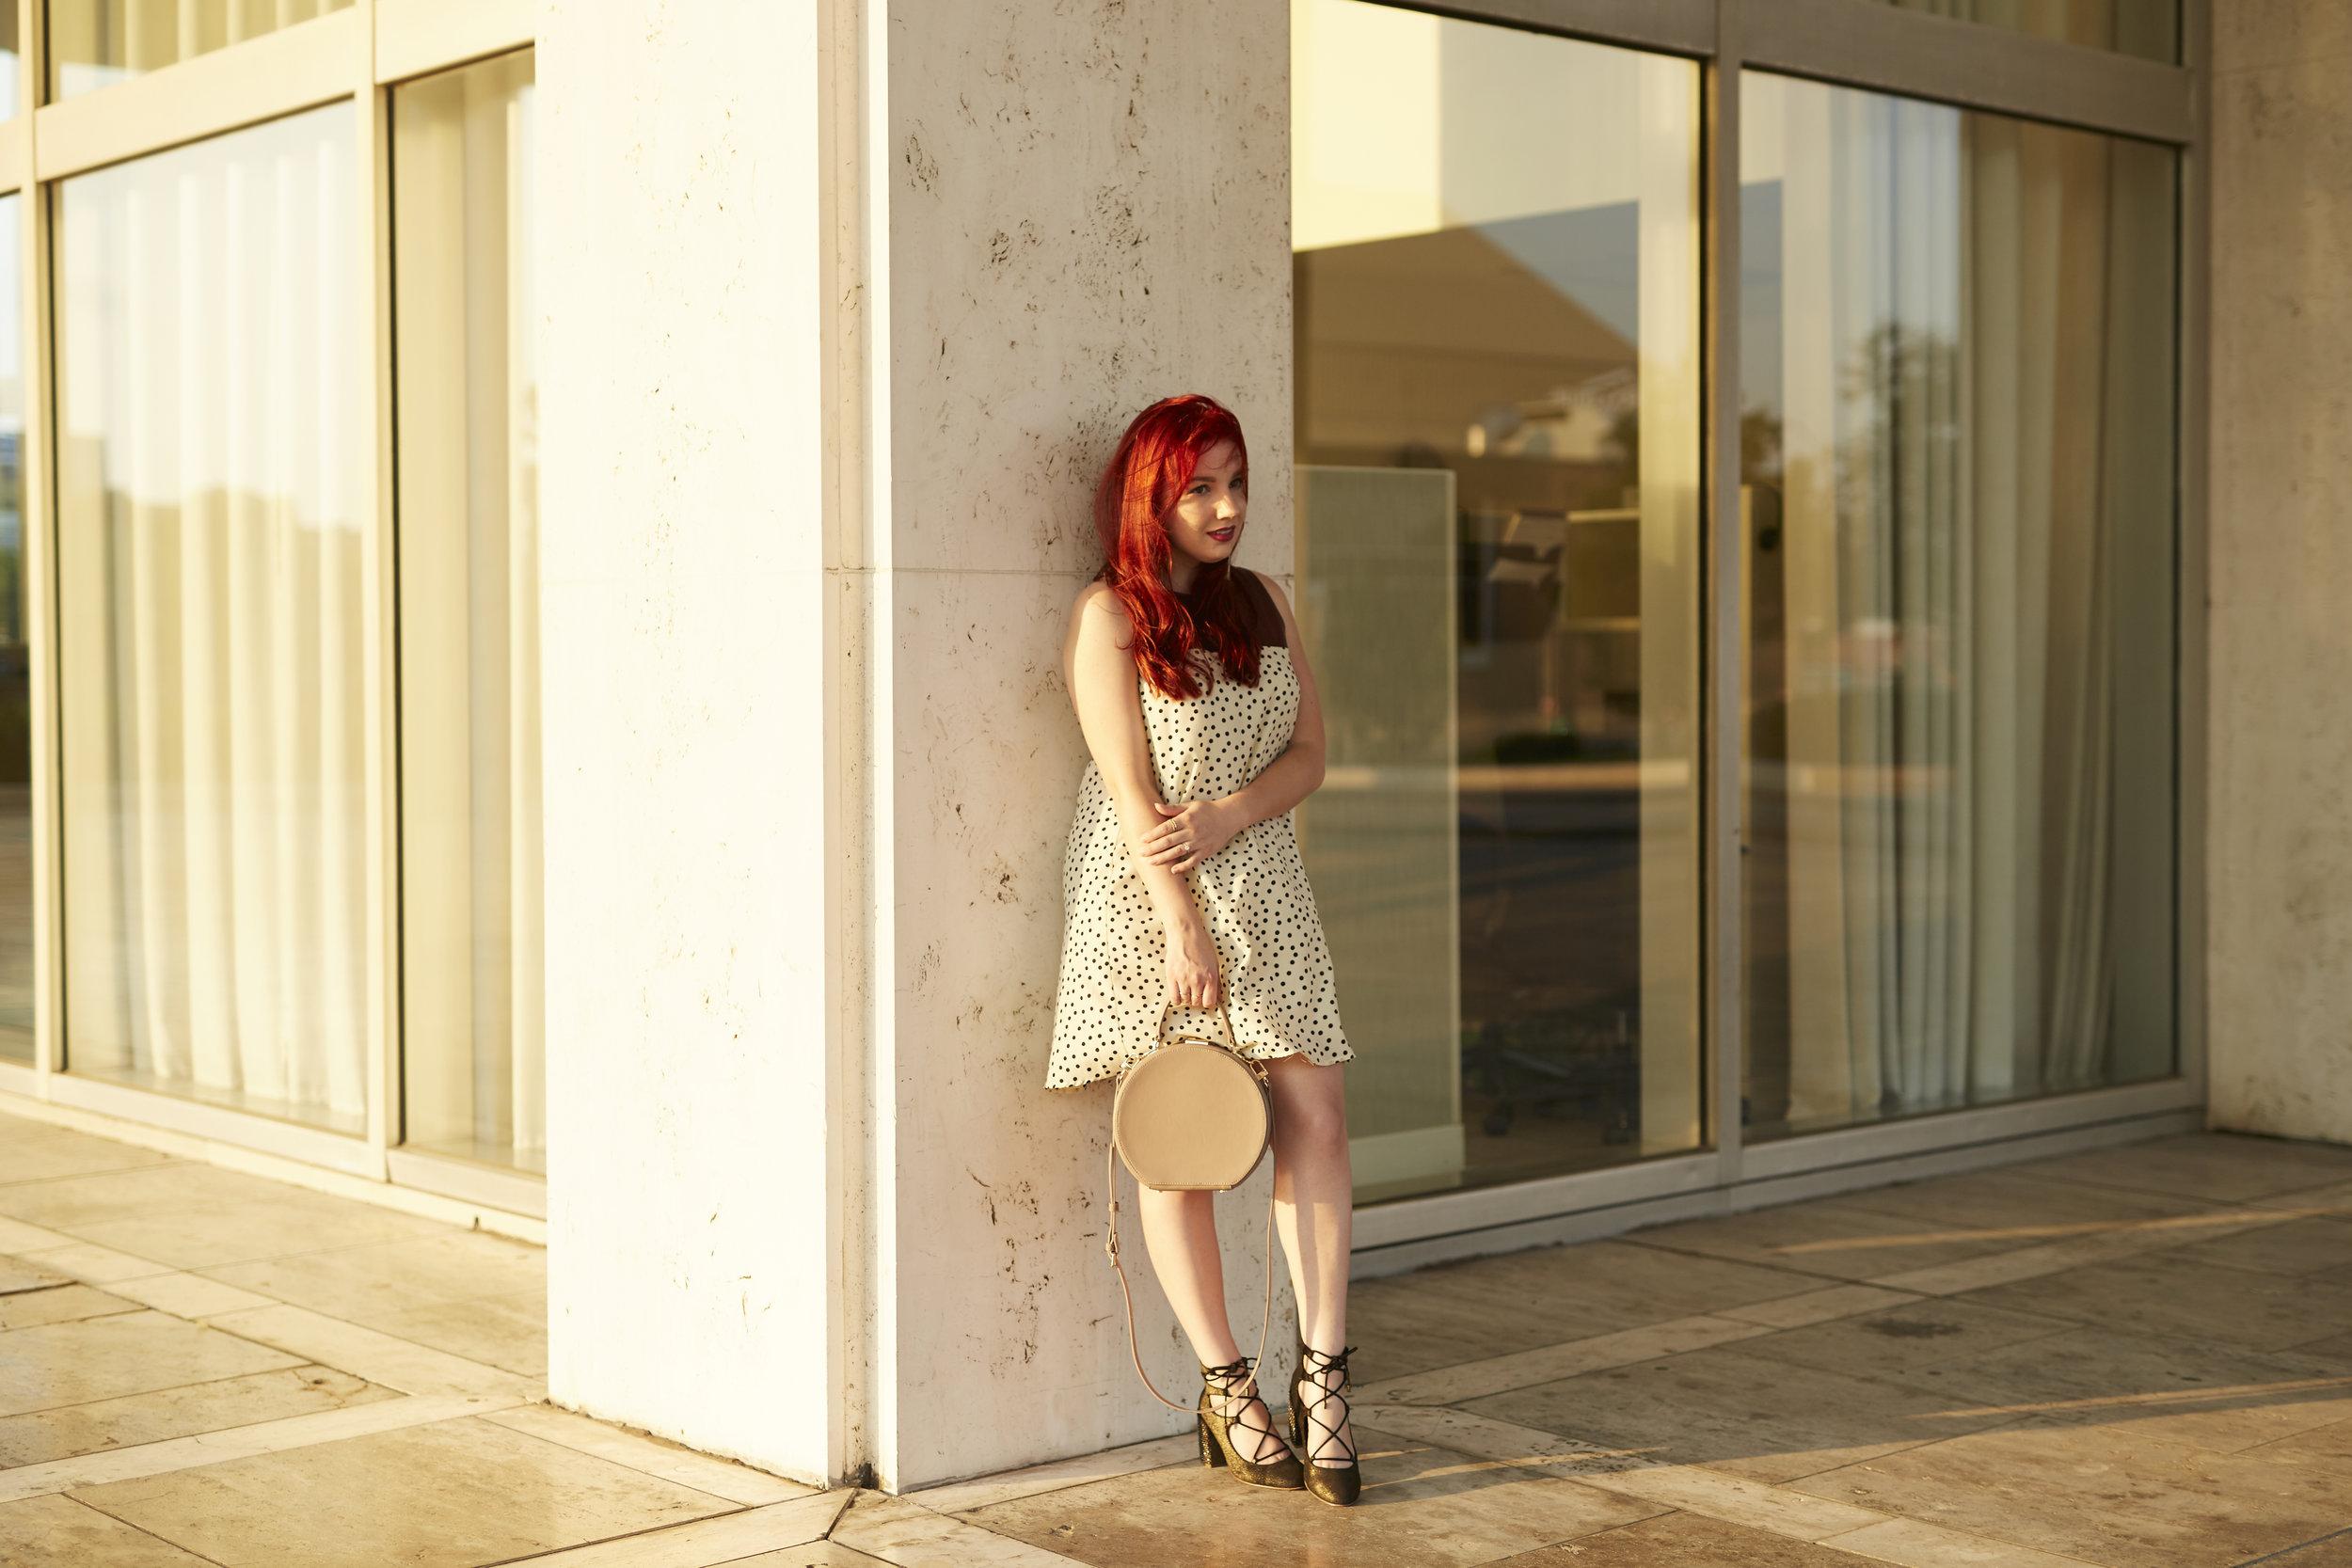 Julia - brphoto - 6I5A4420.jpg